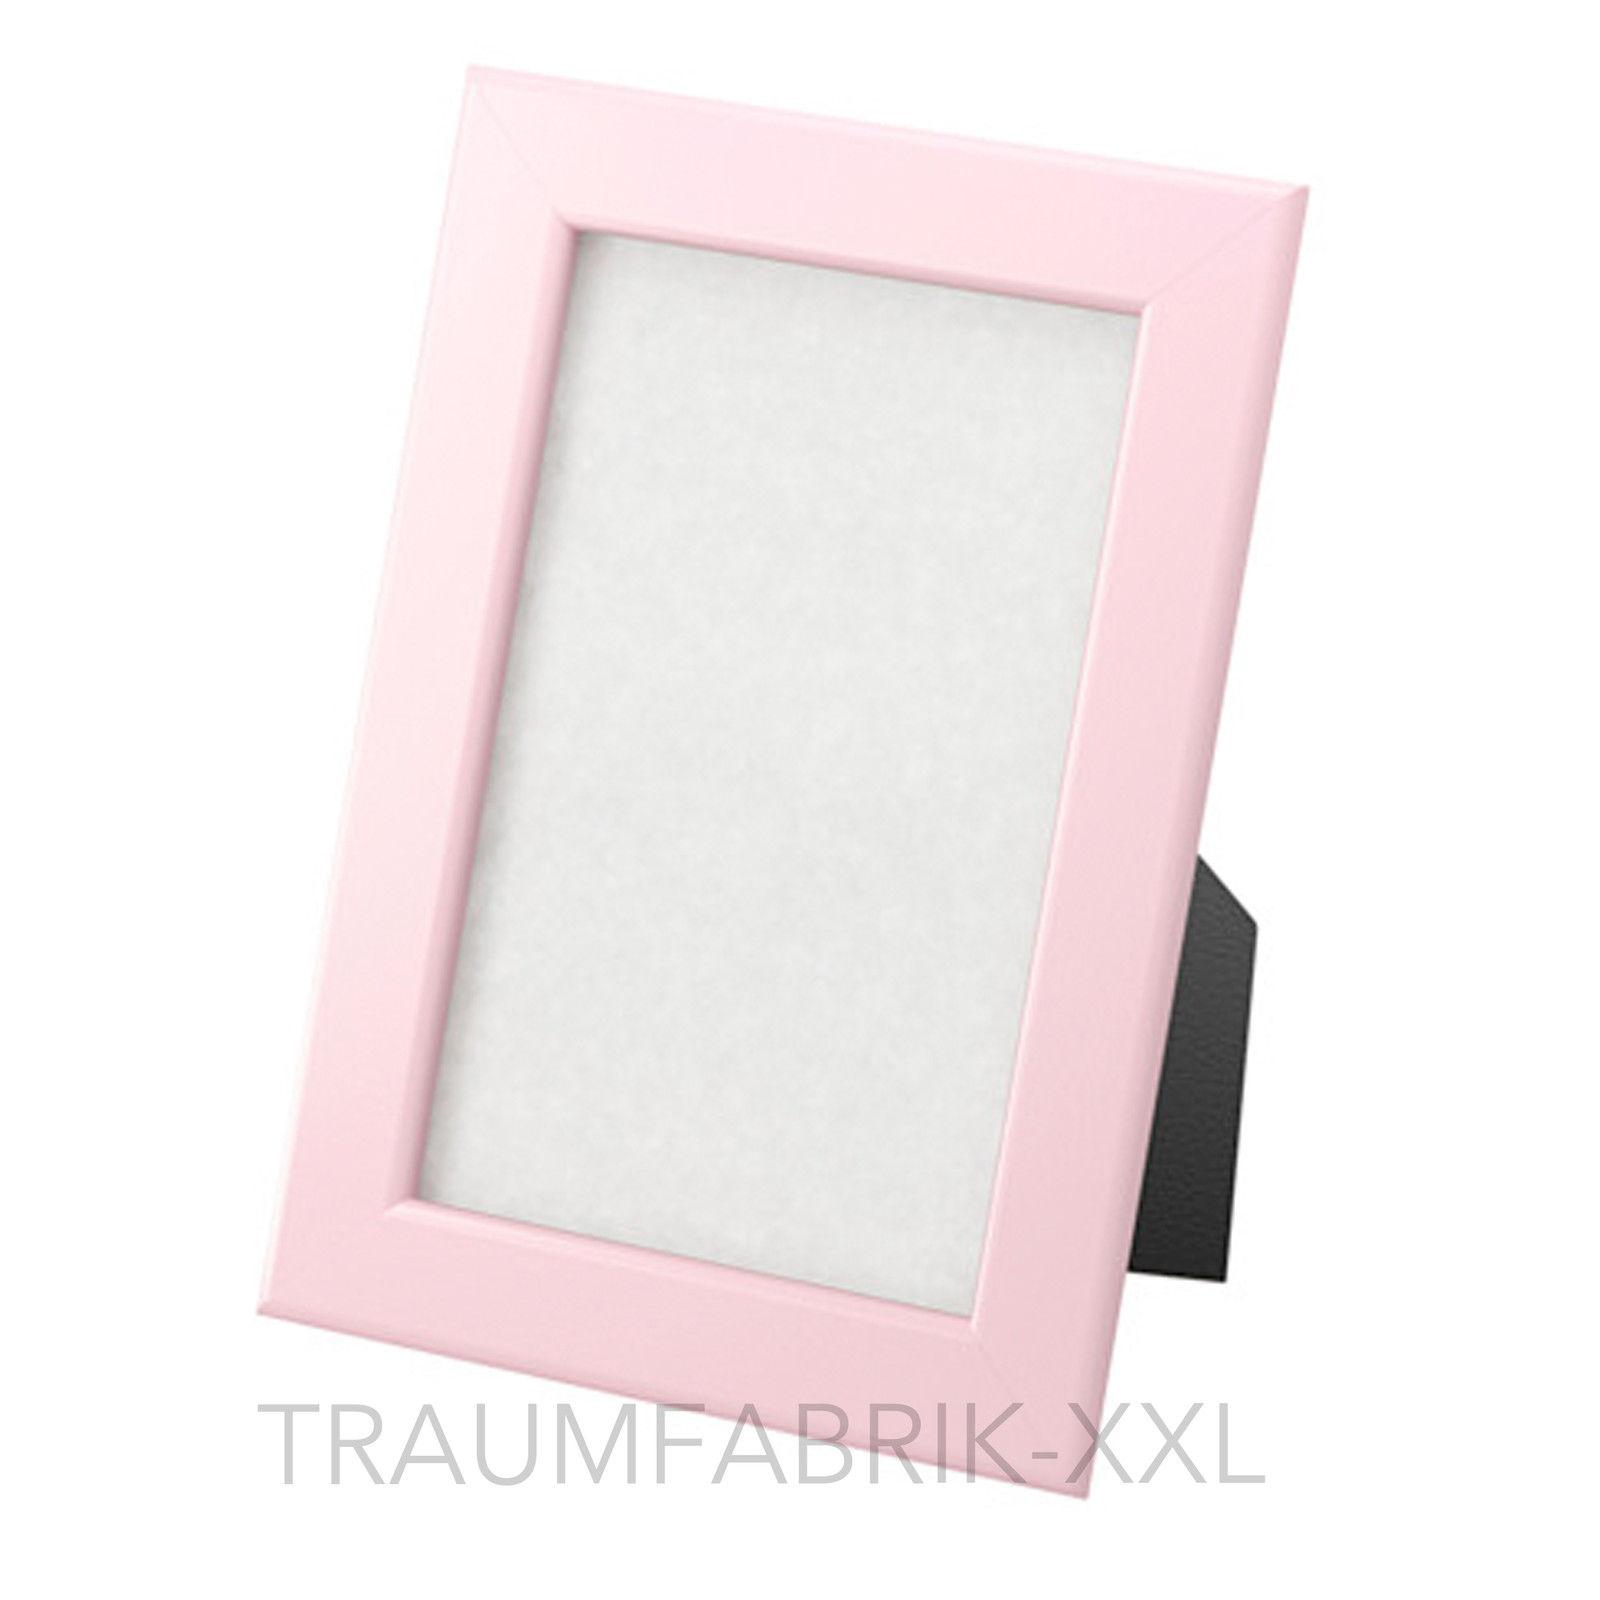 10 x ikea fiskbo bilderrahmen 10x15cm rosa fotorahmen. Black Bedroom Furniture Sets. Home Design Ideas